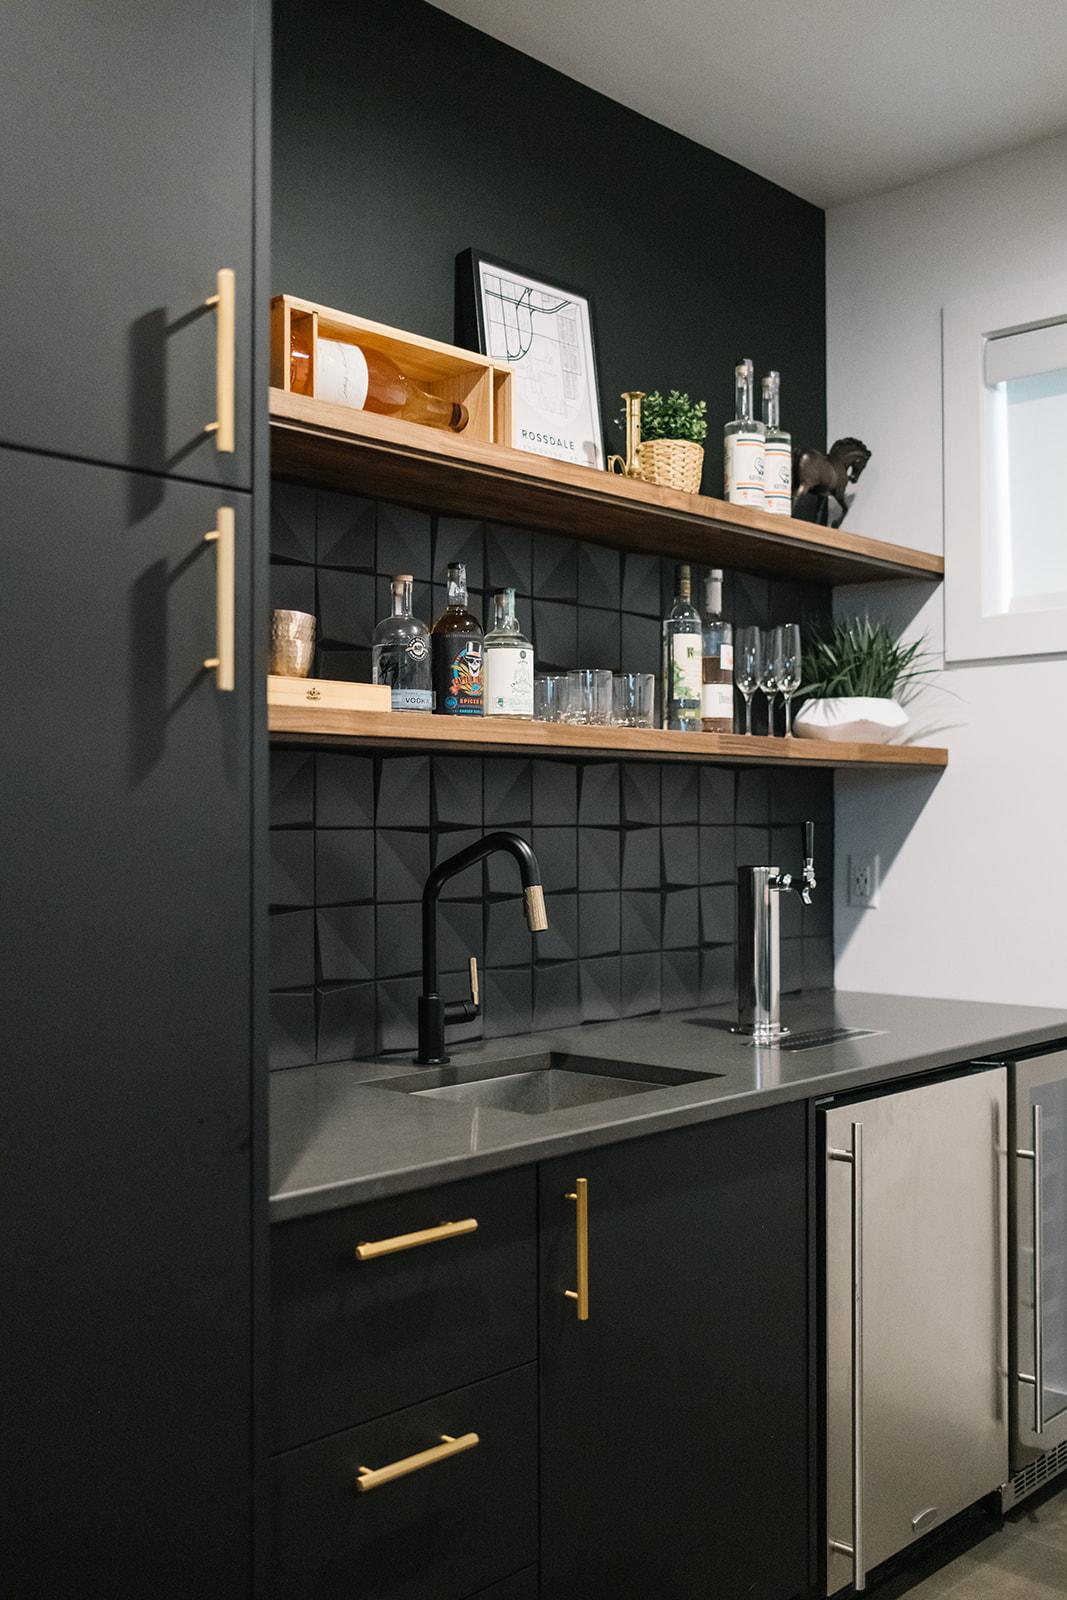 black cabinets with modern backsplash